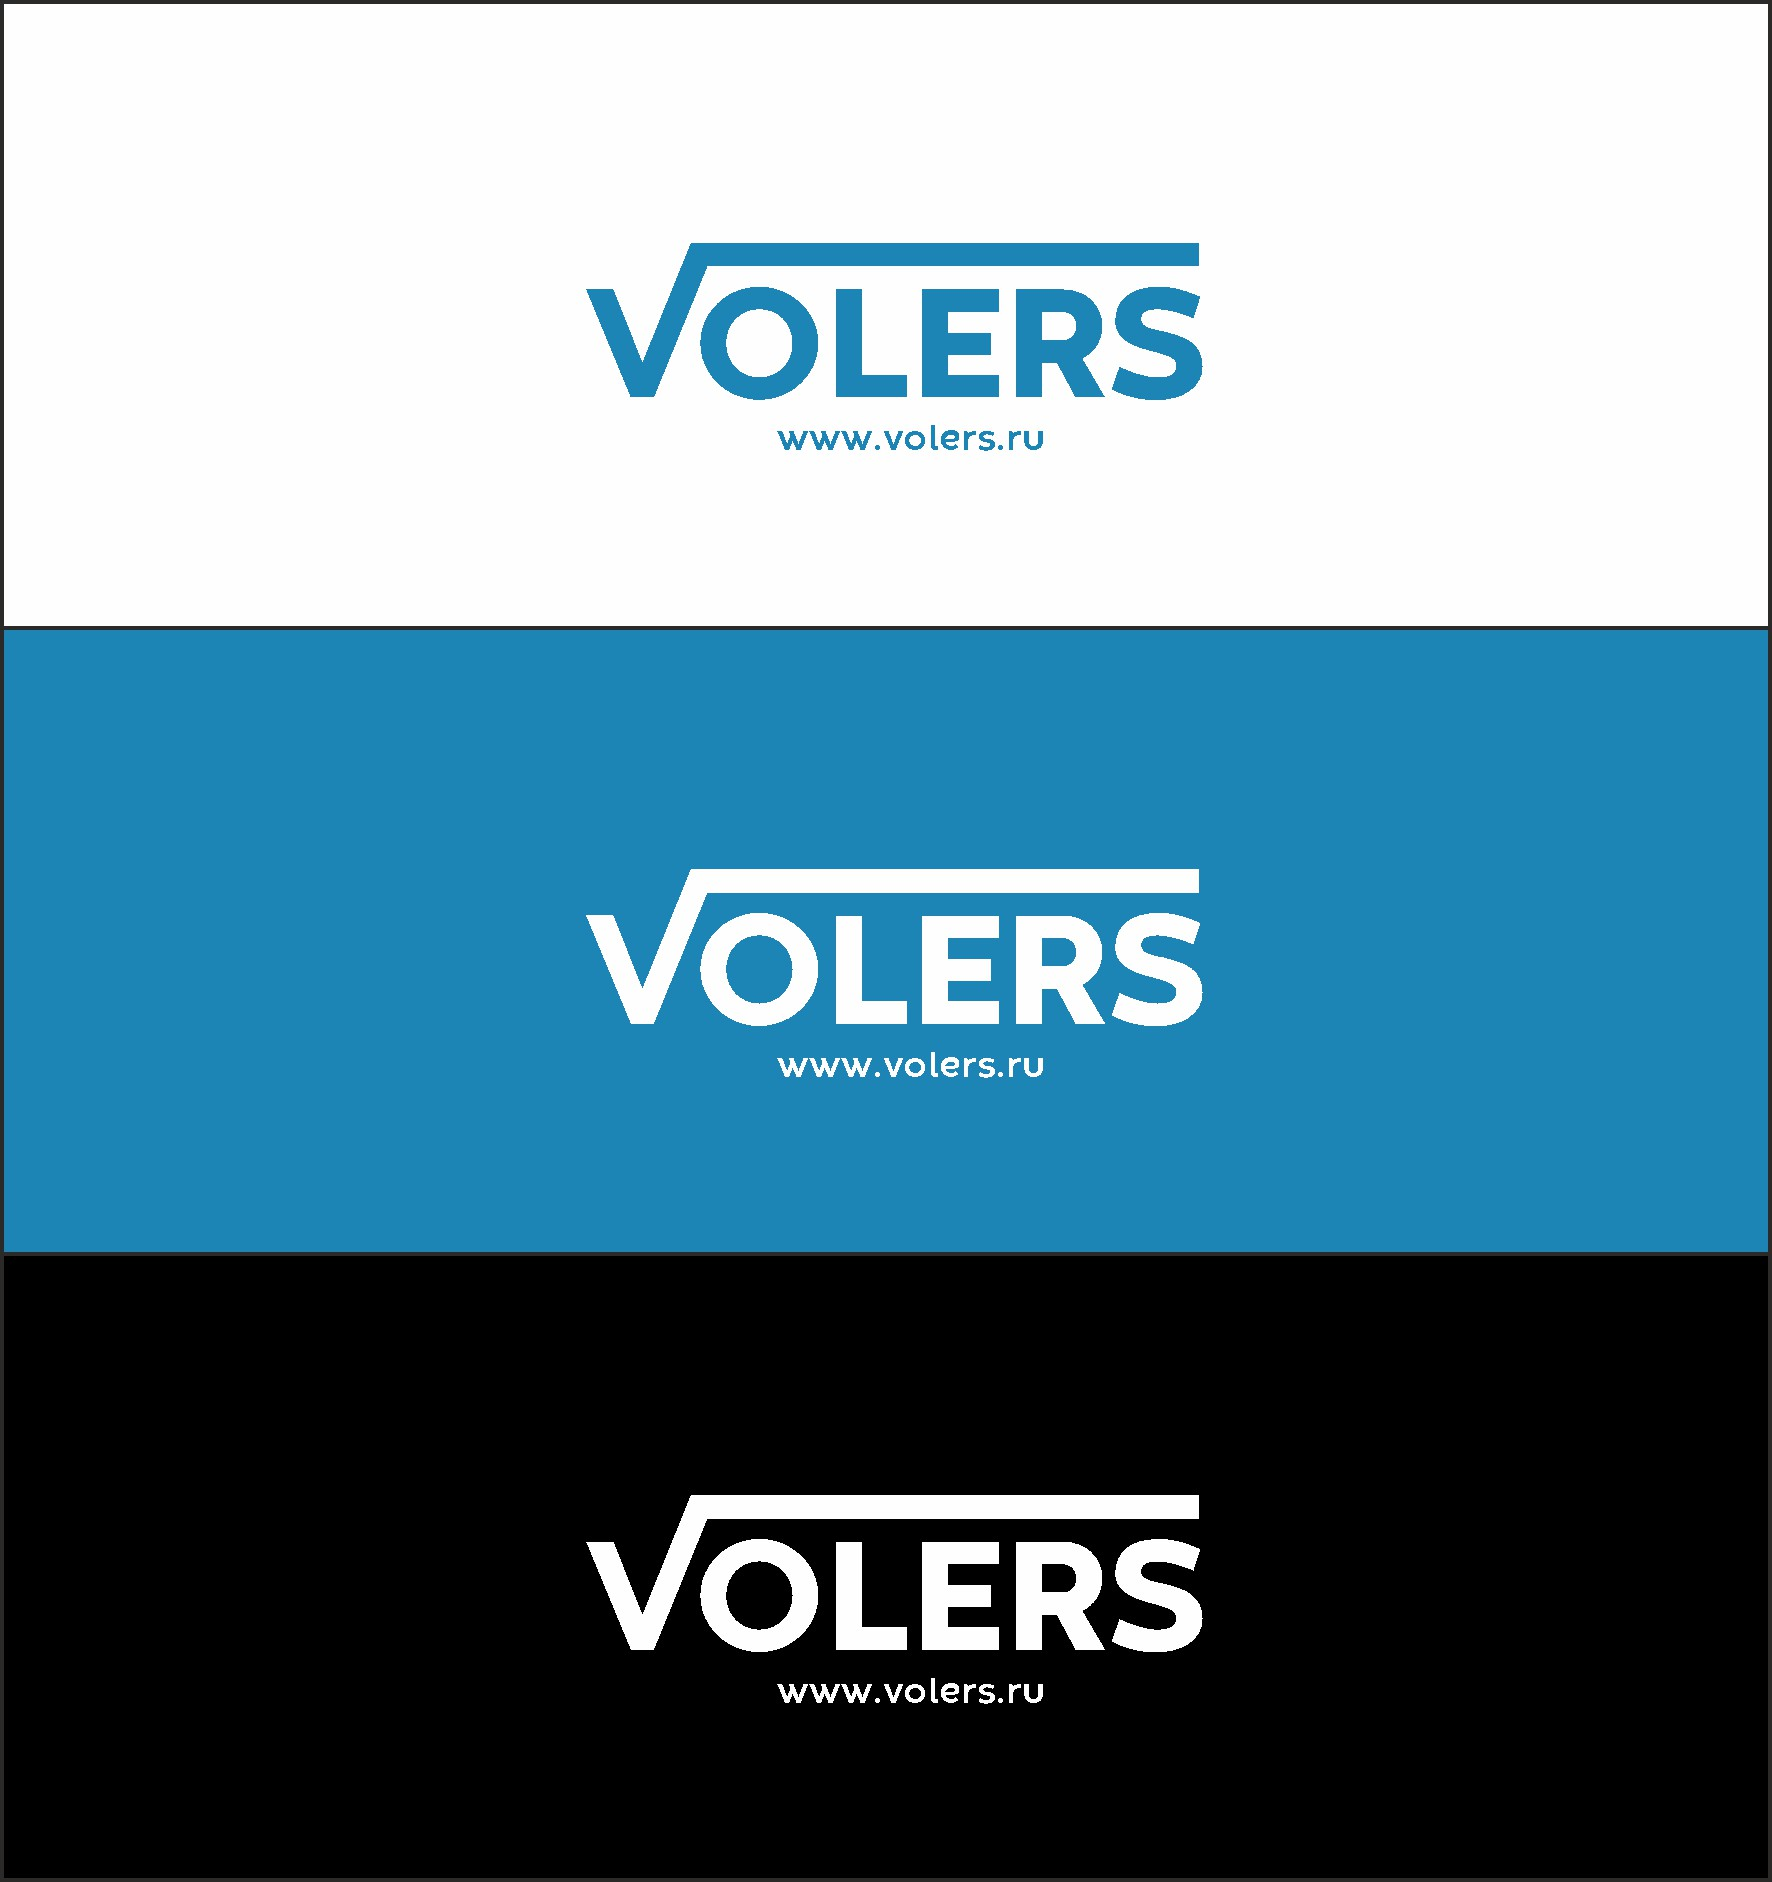 Обновить текущий логотип  фото f_6515d47e66093ce0.jpg